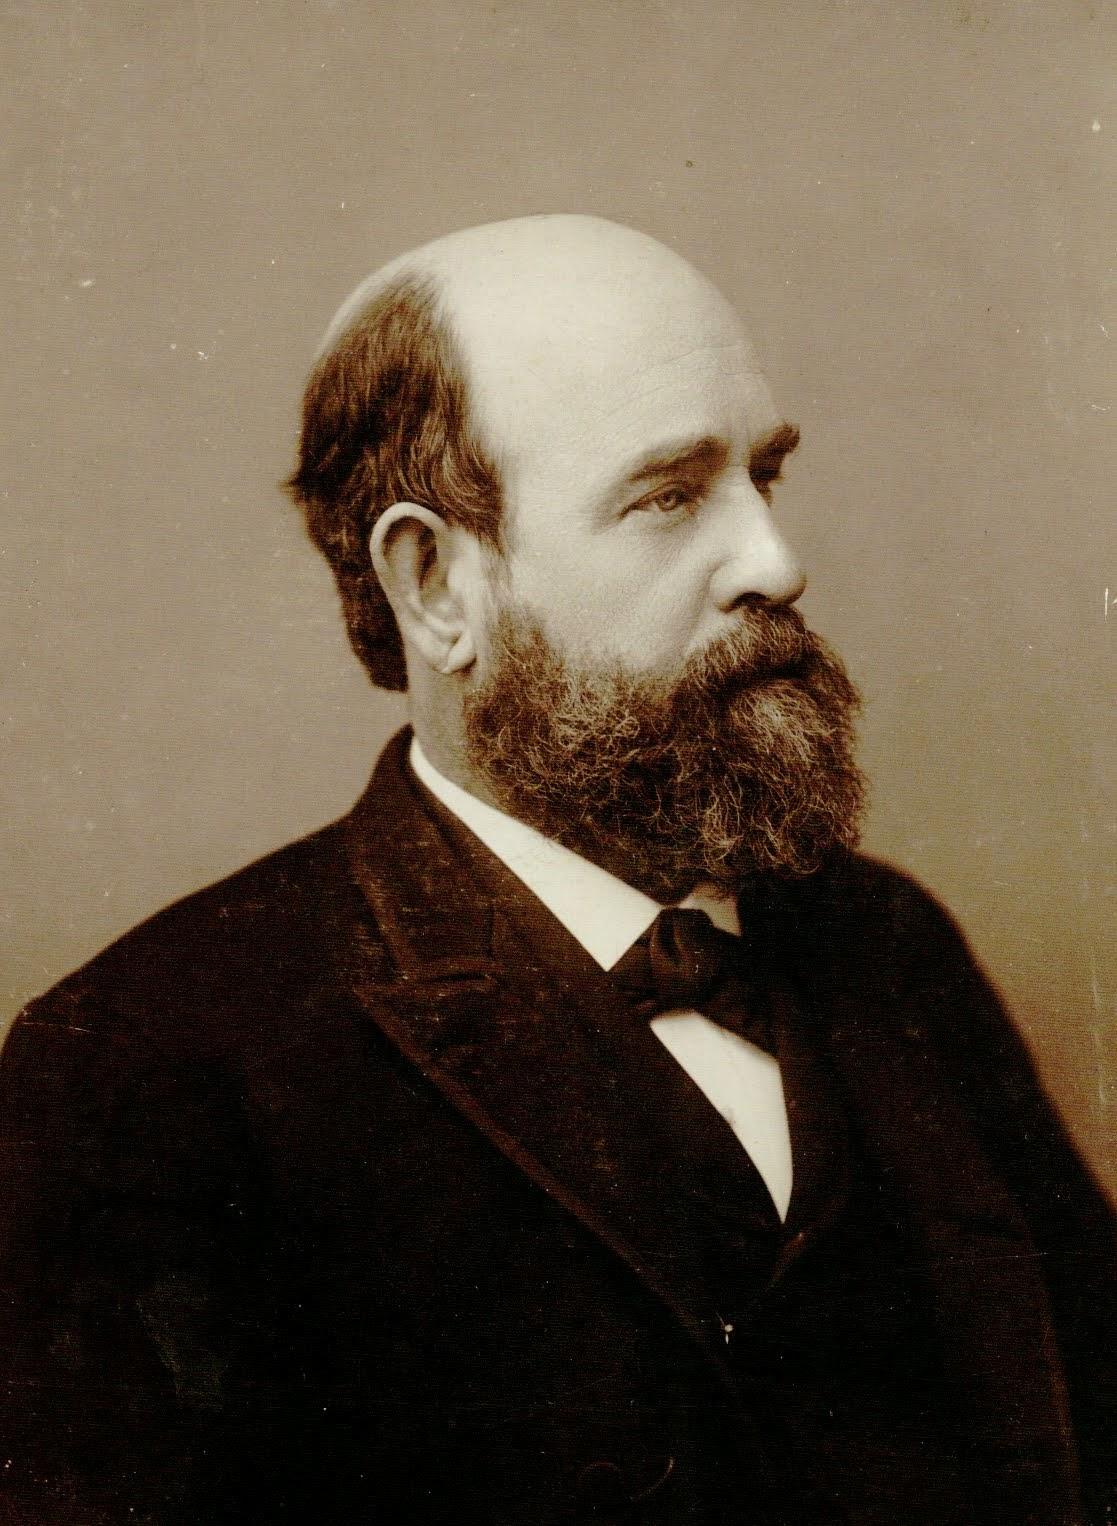 Henry George, 1886 - henry-george-18861